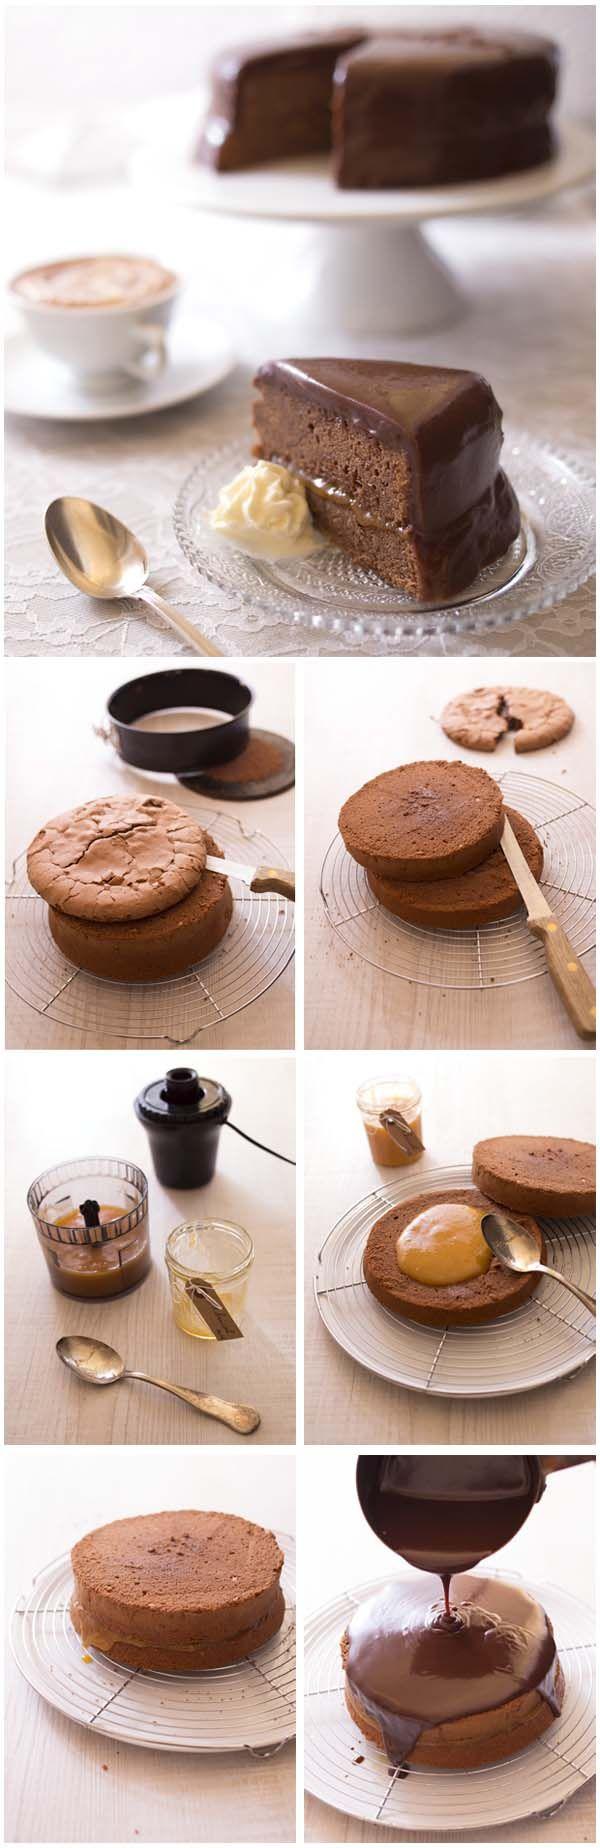 Sacher torte Gâteau chocolat abricot de Vienne (DIY photo pas à pas)